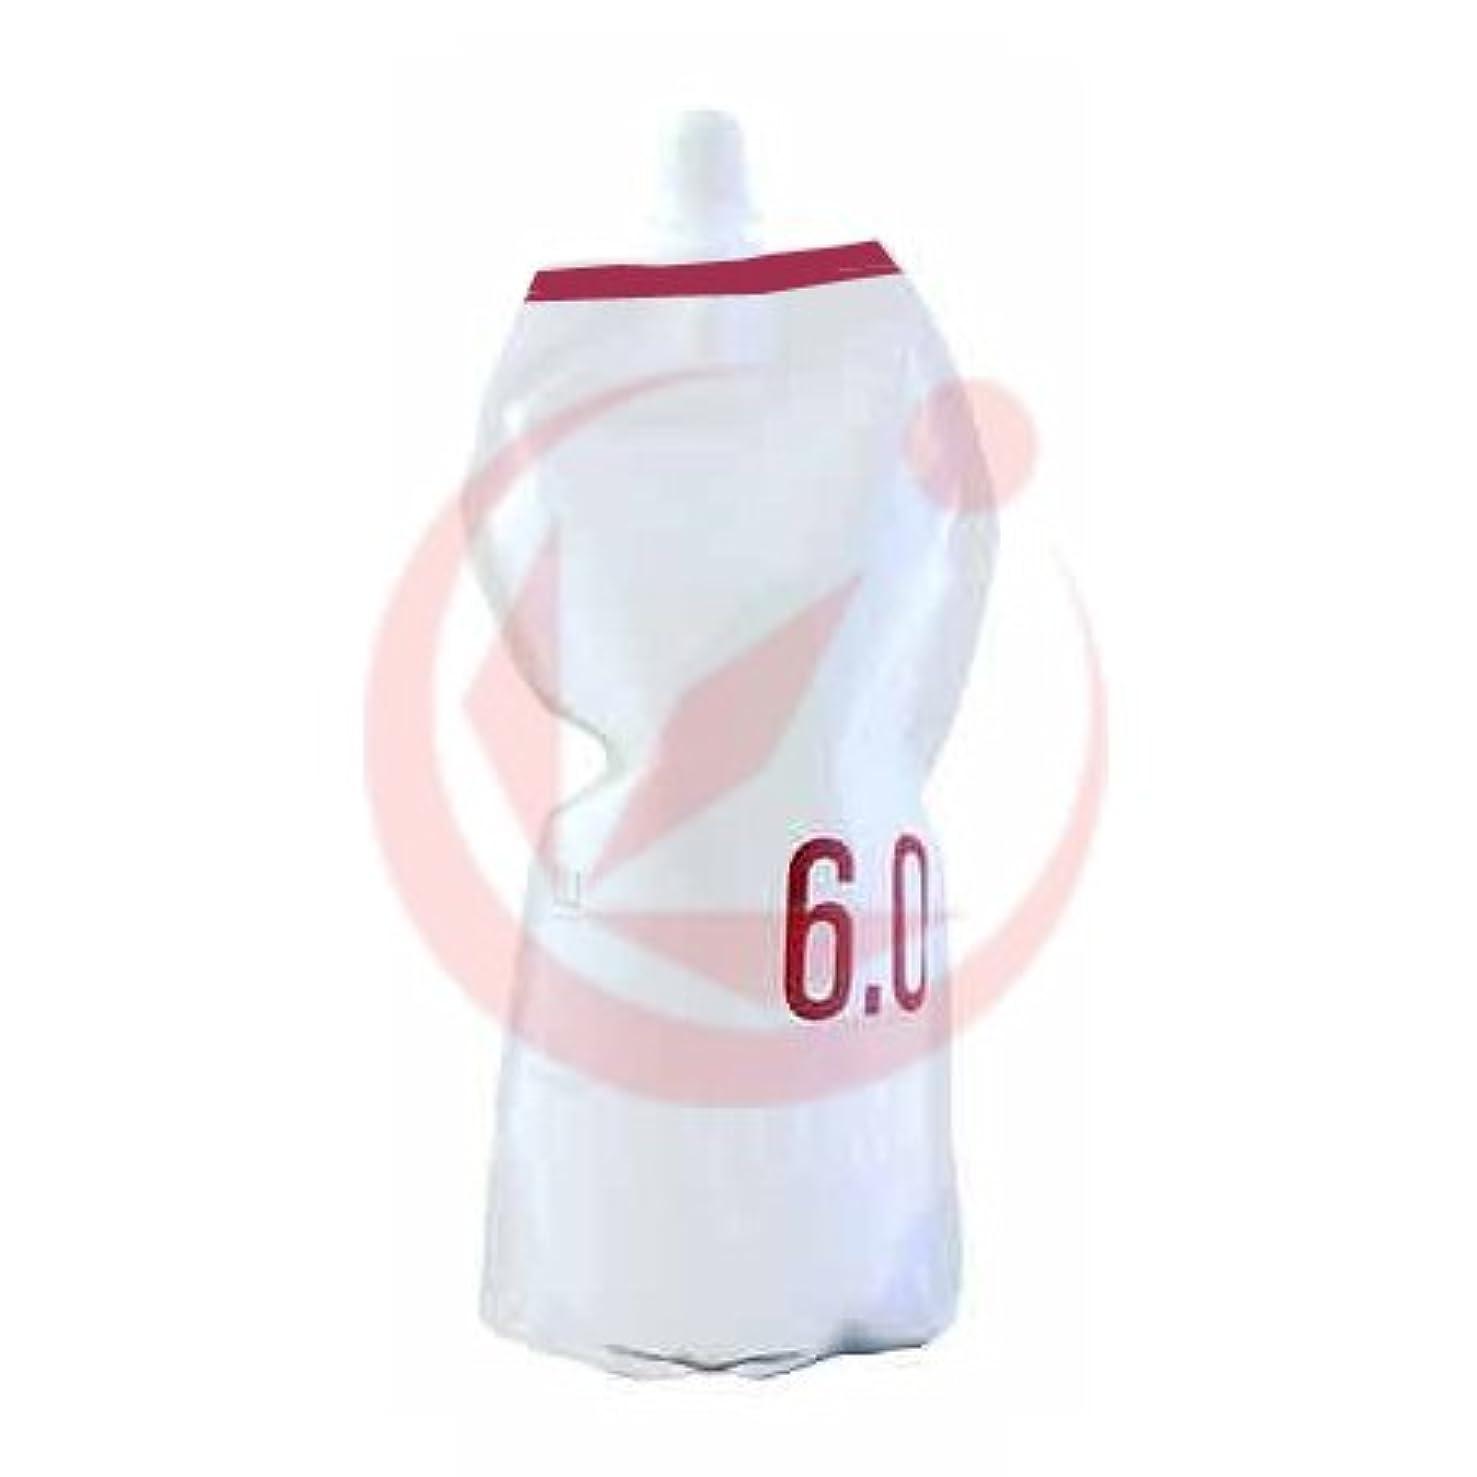 権限読みやすさ薄めるナンバースリー プロアクション リクロマ オキシ(OX) 1200ml(2剤) 6.0%*